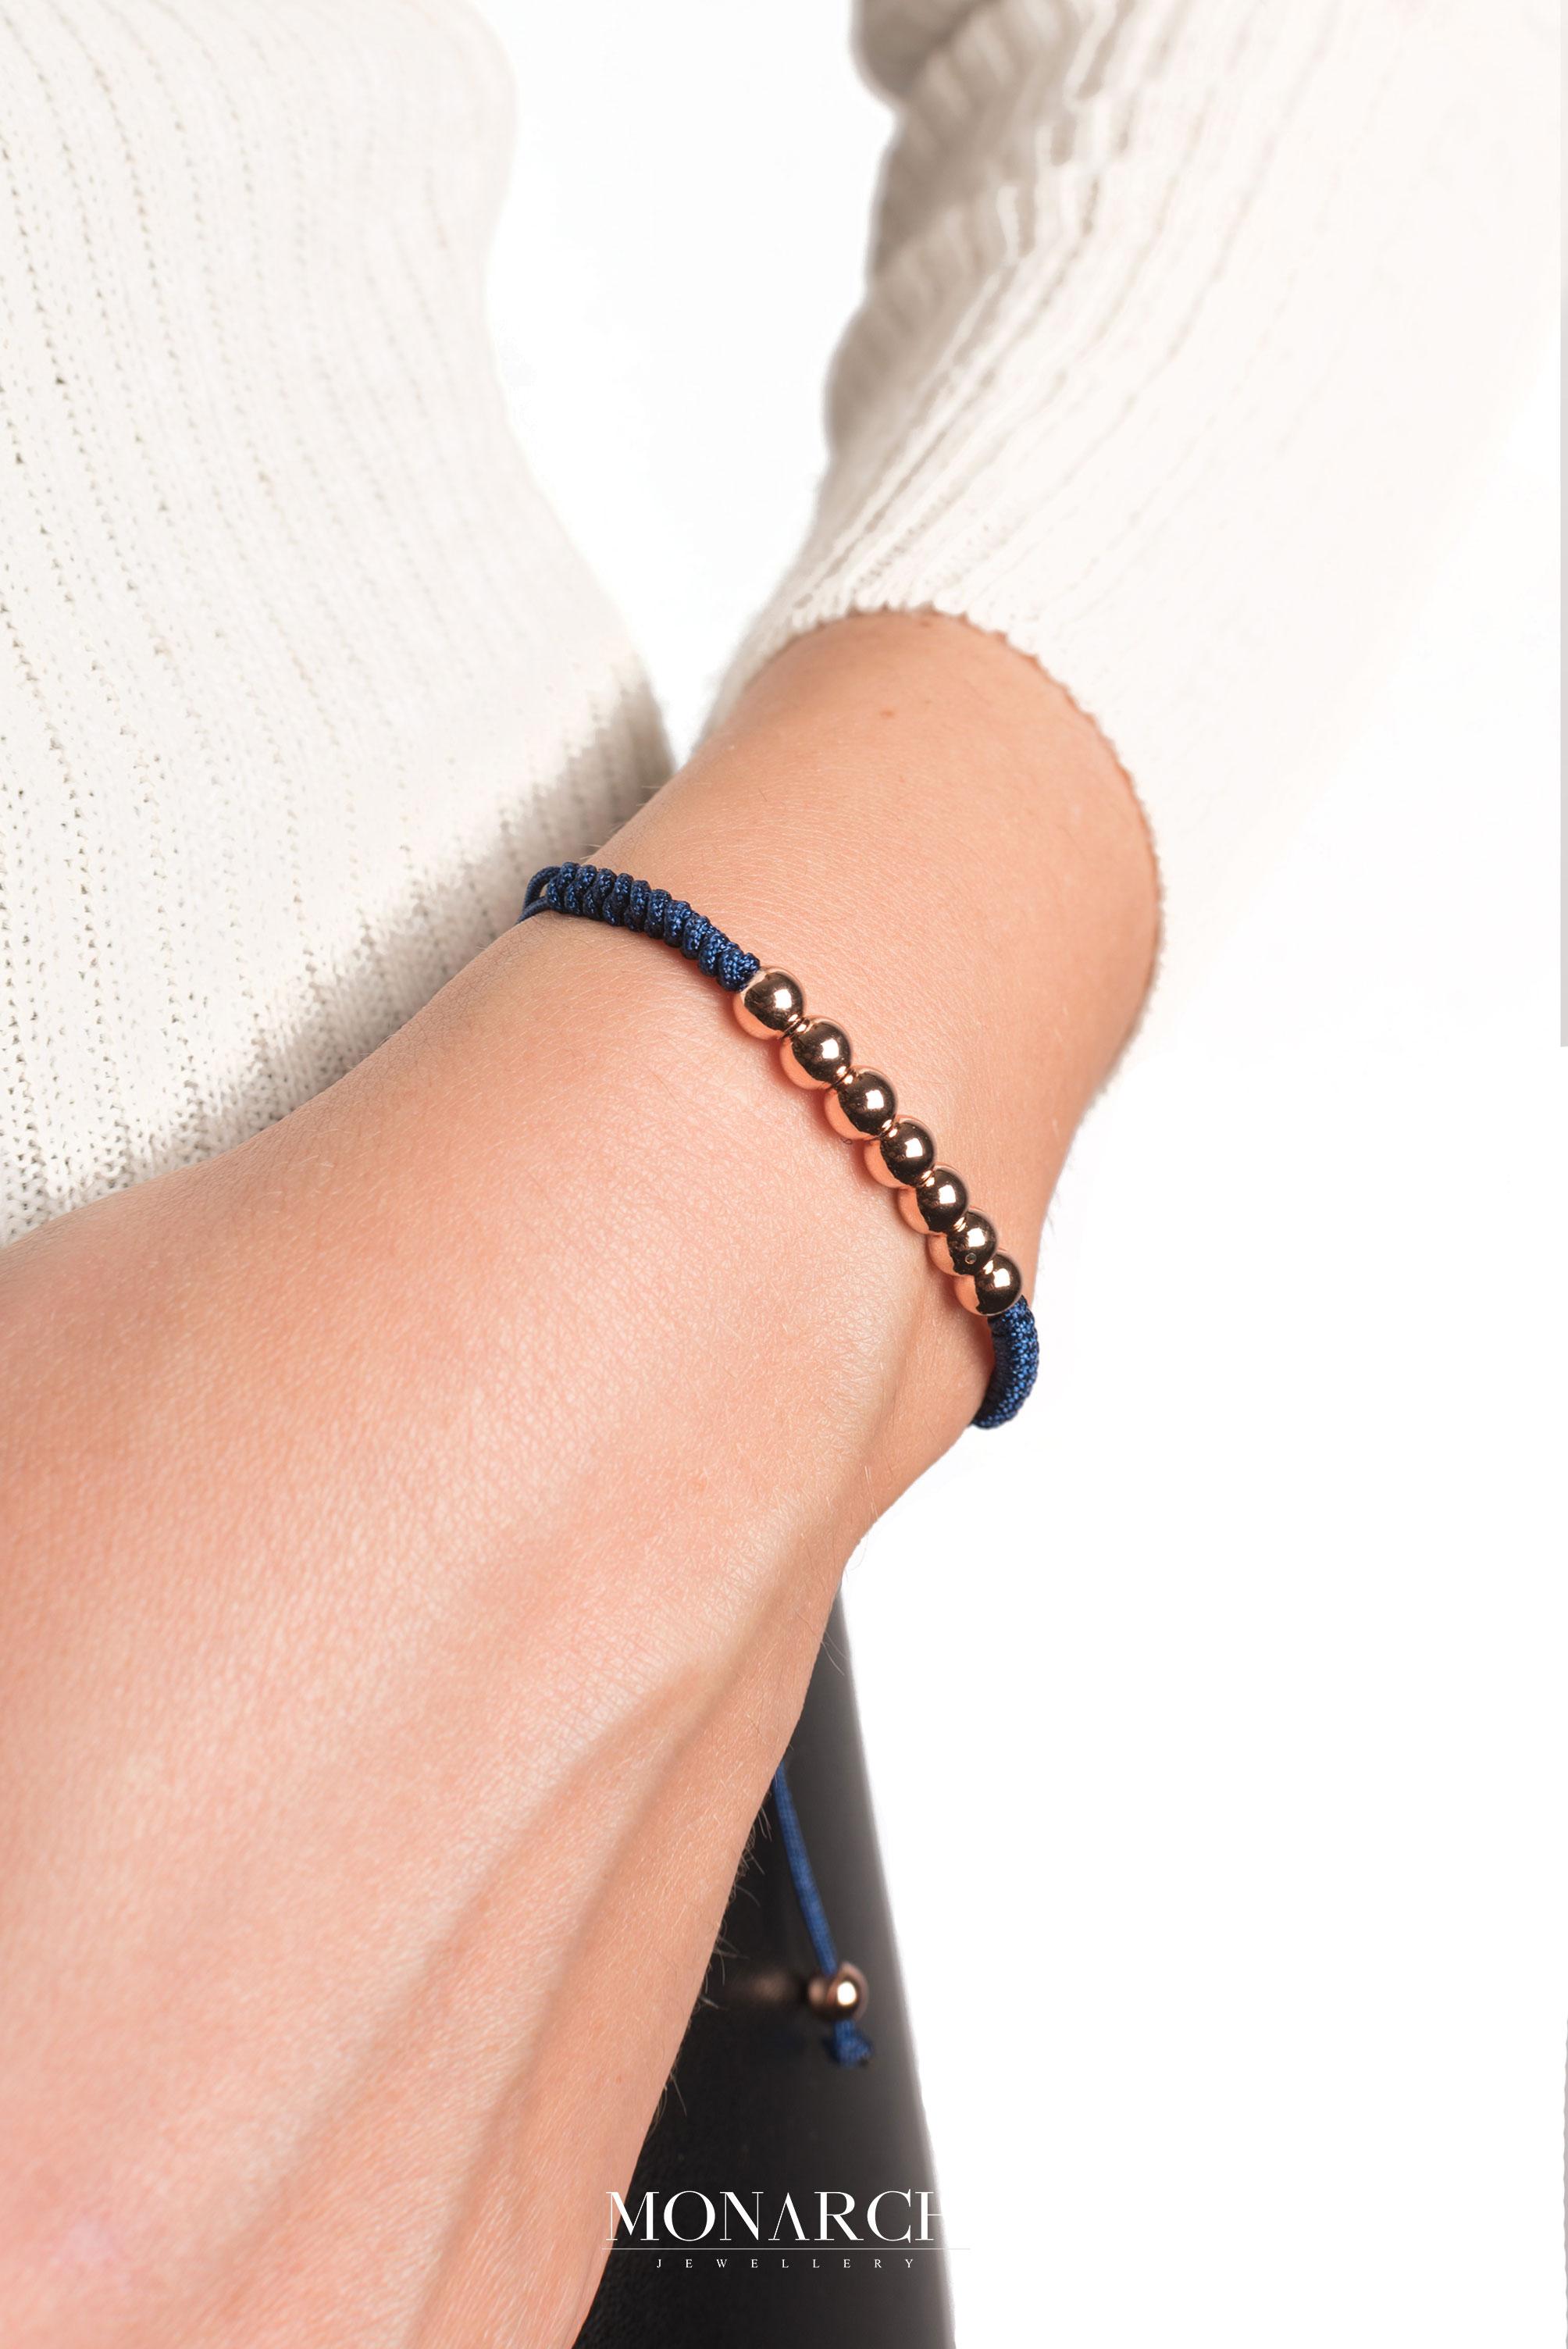 Monarch Jewellery Luxury Bracelet MA45GRAZ women